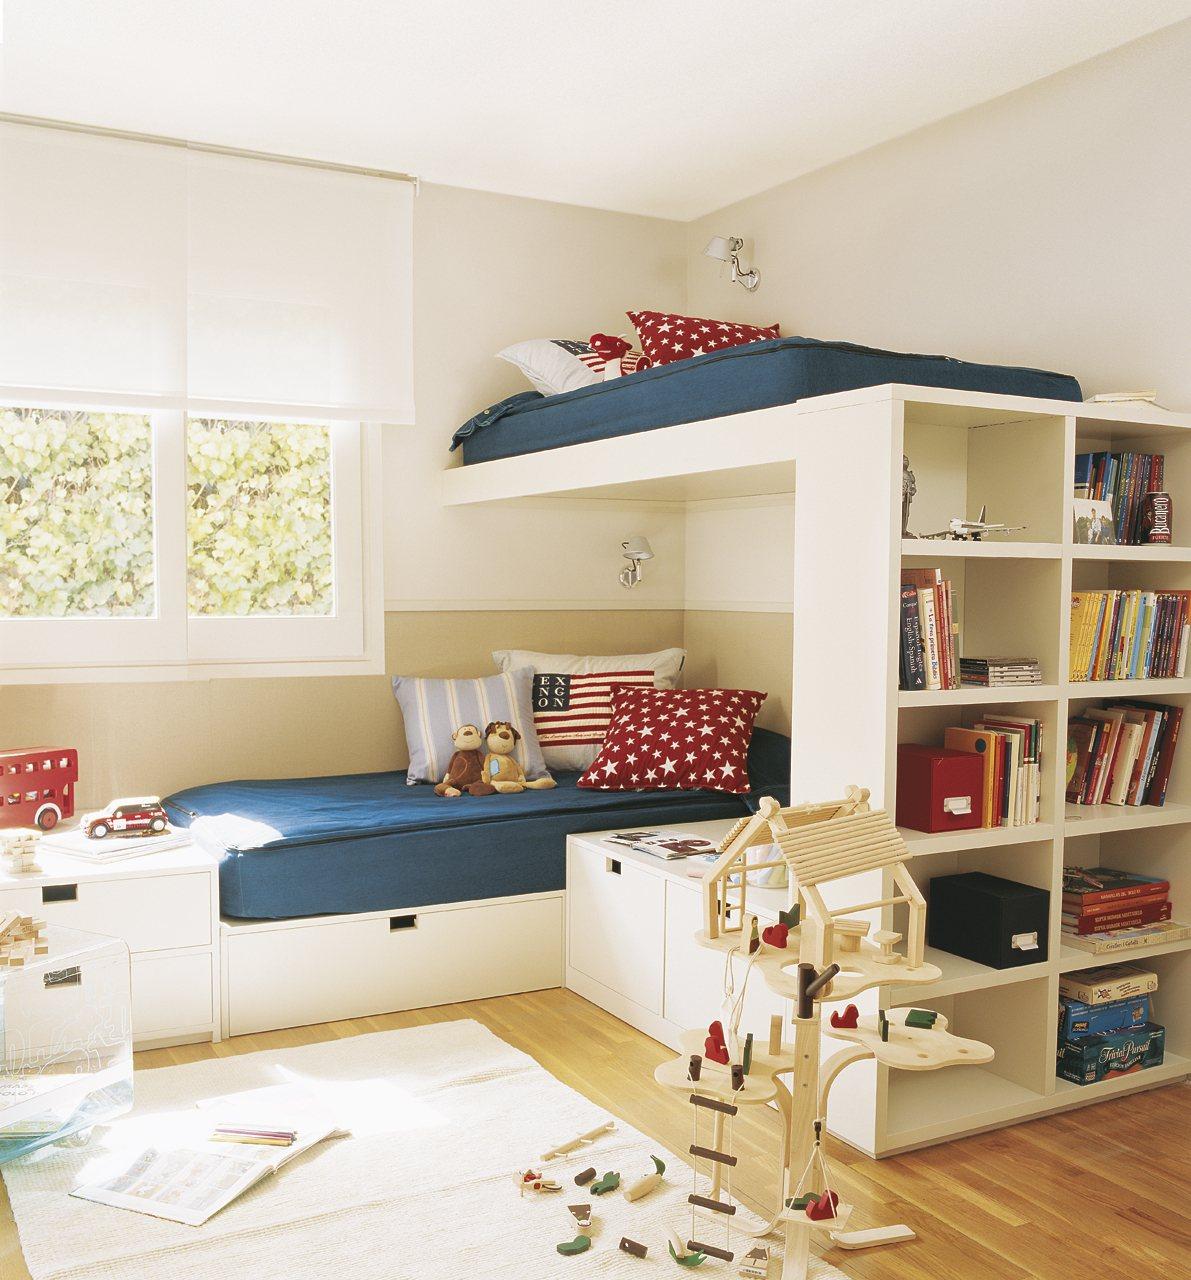 Ikea camas nido ninos